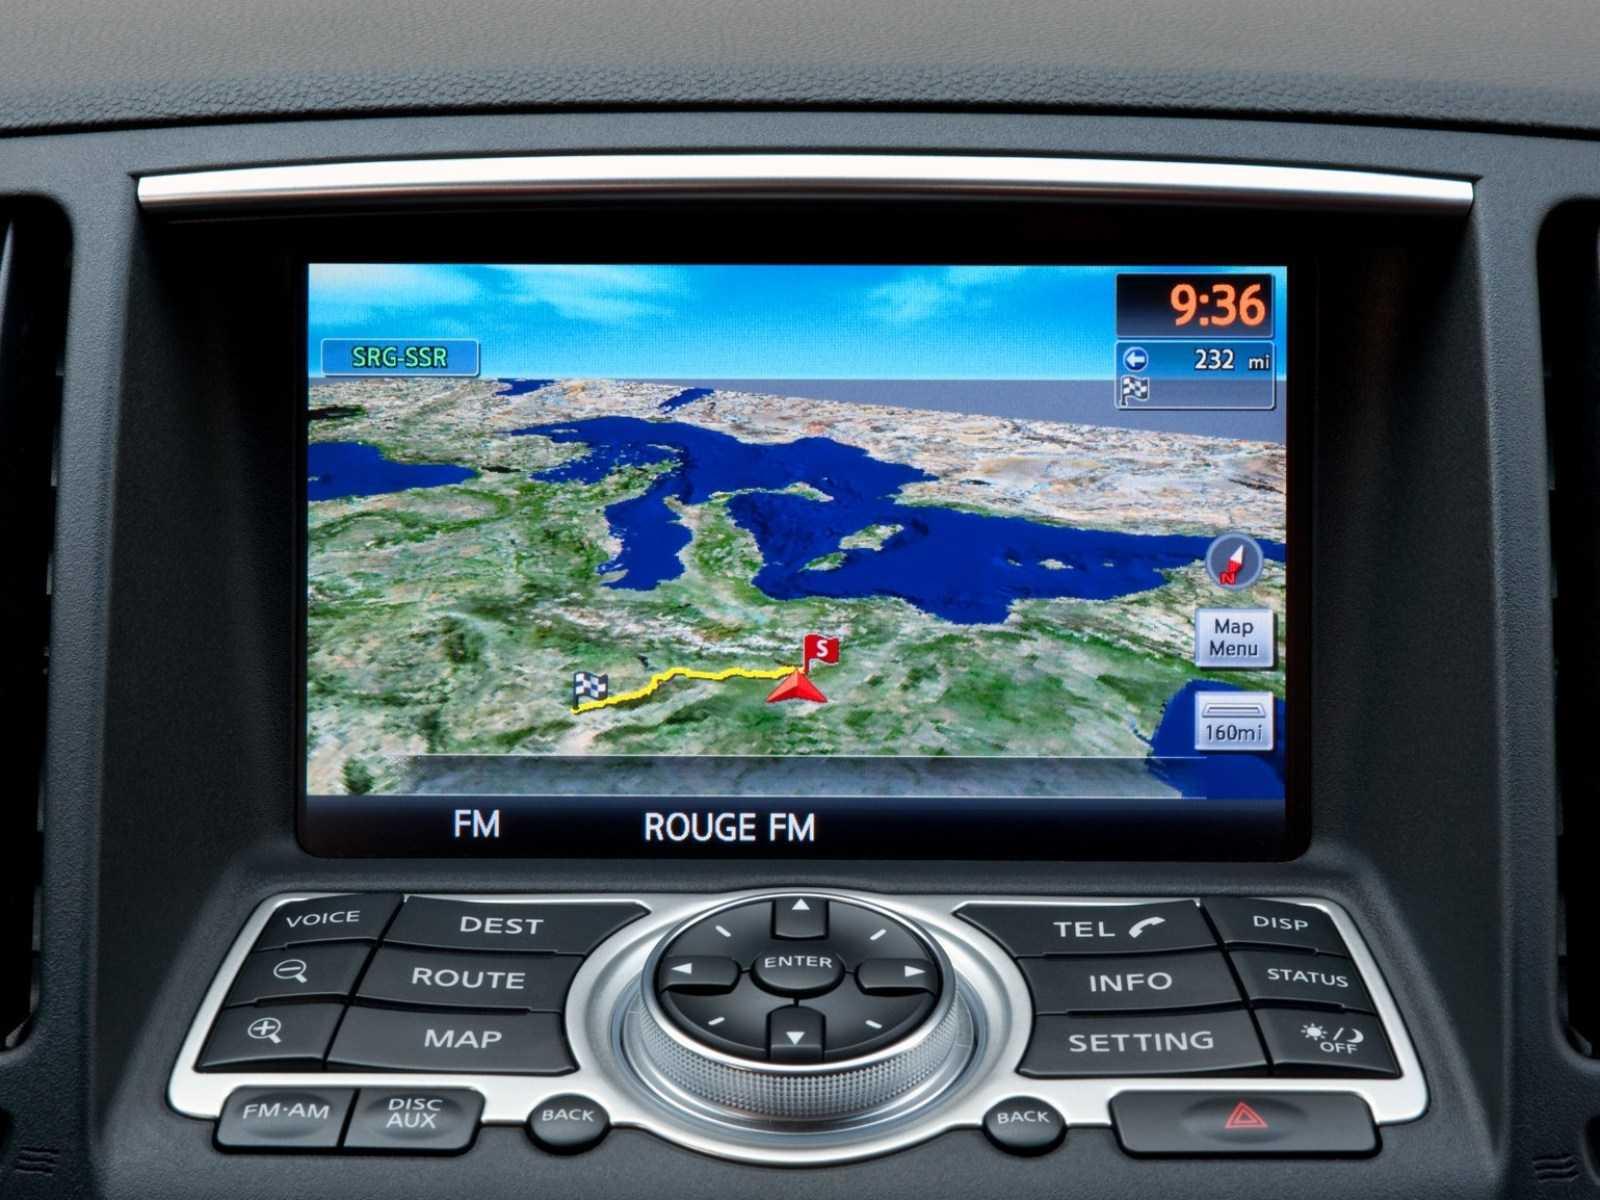 Обновление навигации для Nissan Infiniti 2010-2016 Premium Connect 08IT недорого в Авто ТехЦентре ЗИЕСТА